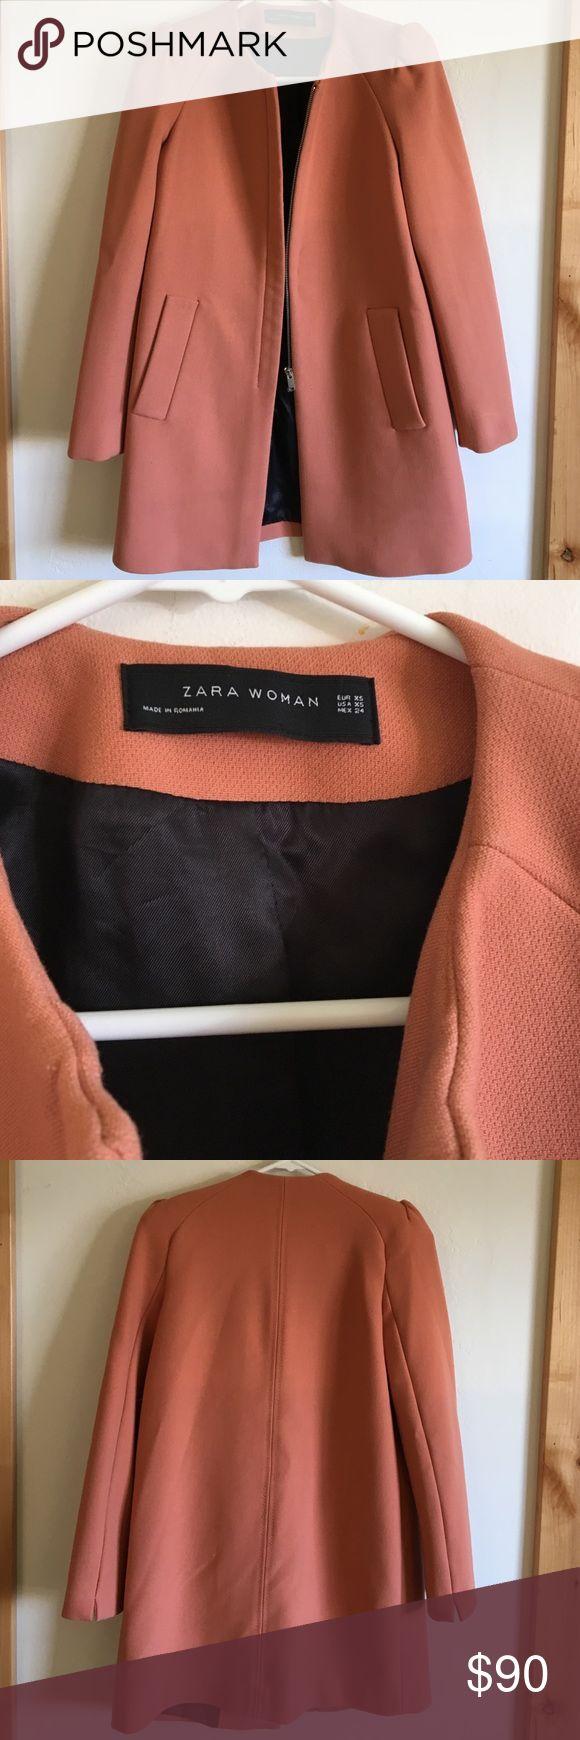 Zara jacket with gathered sleeve. Peach. XS. Zara jacket in peach. Gathered puff sleeve. Size XS. Worn twice. Zara Jackets & Coats